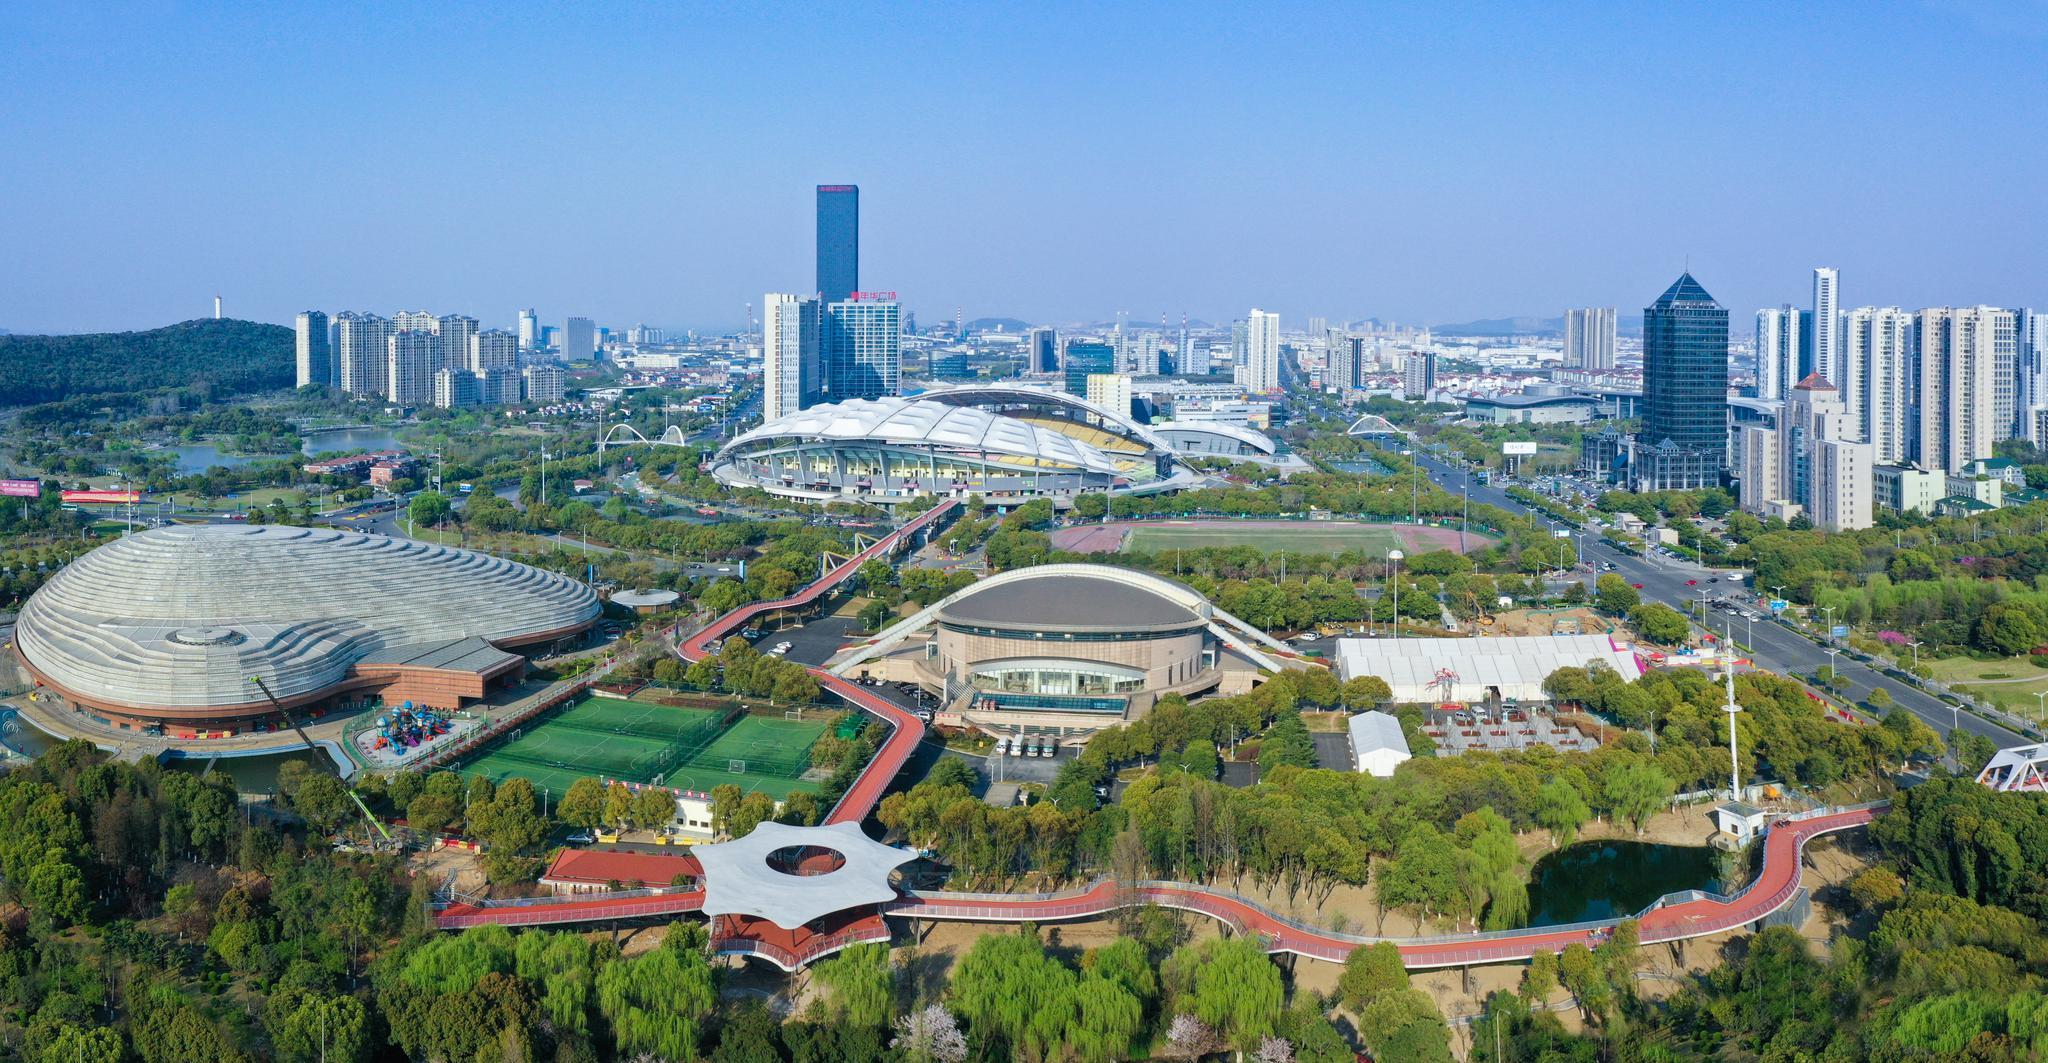 江阴_江阴GDP背后:经济最强县域如何藏富于民?|江阴_新浪财经_新浪网